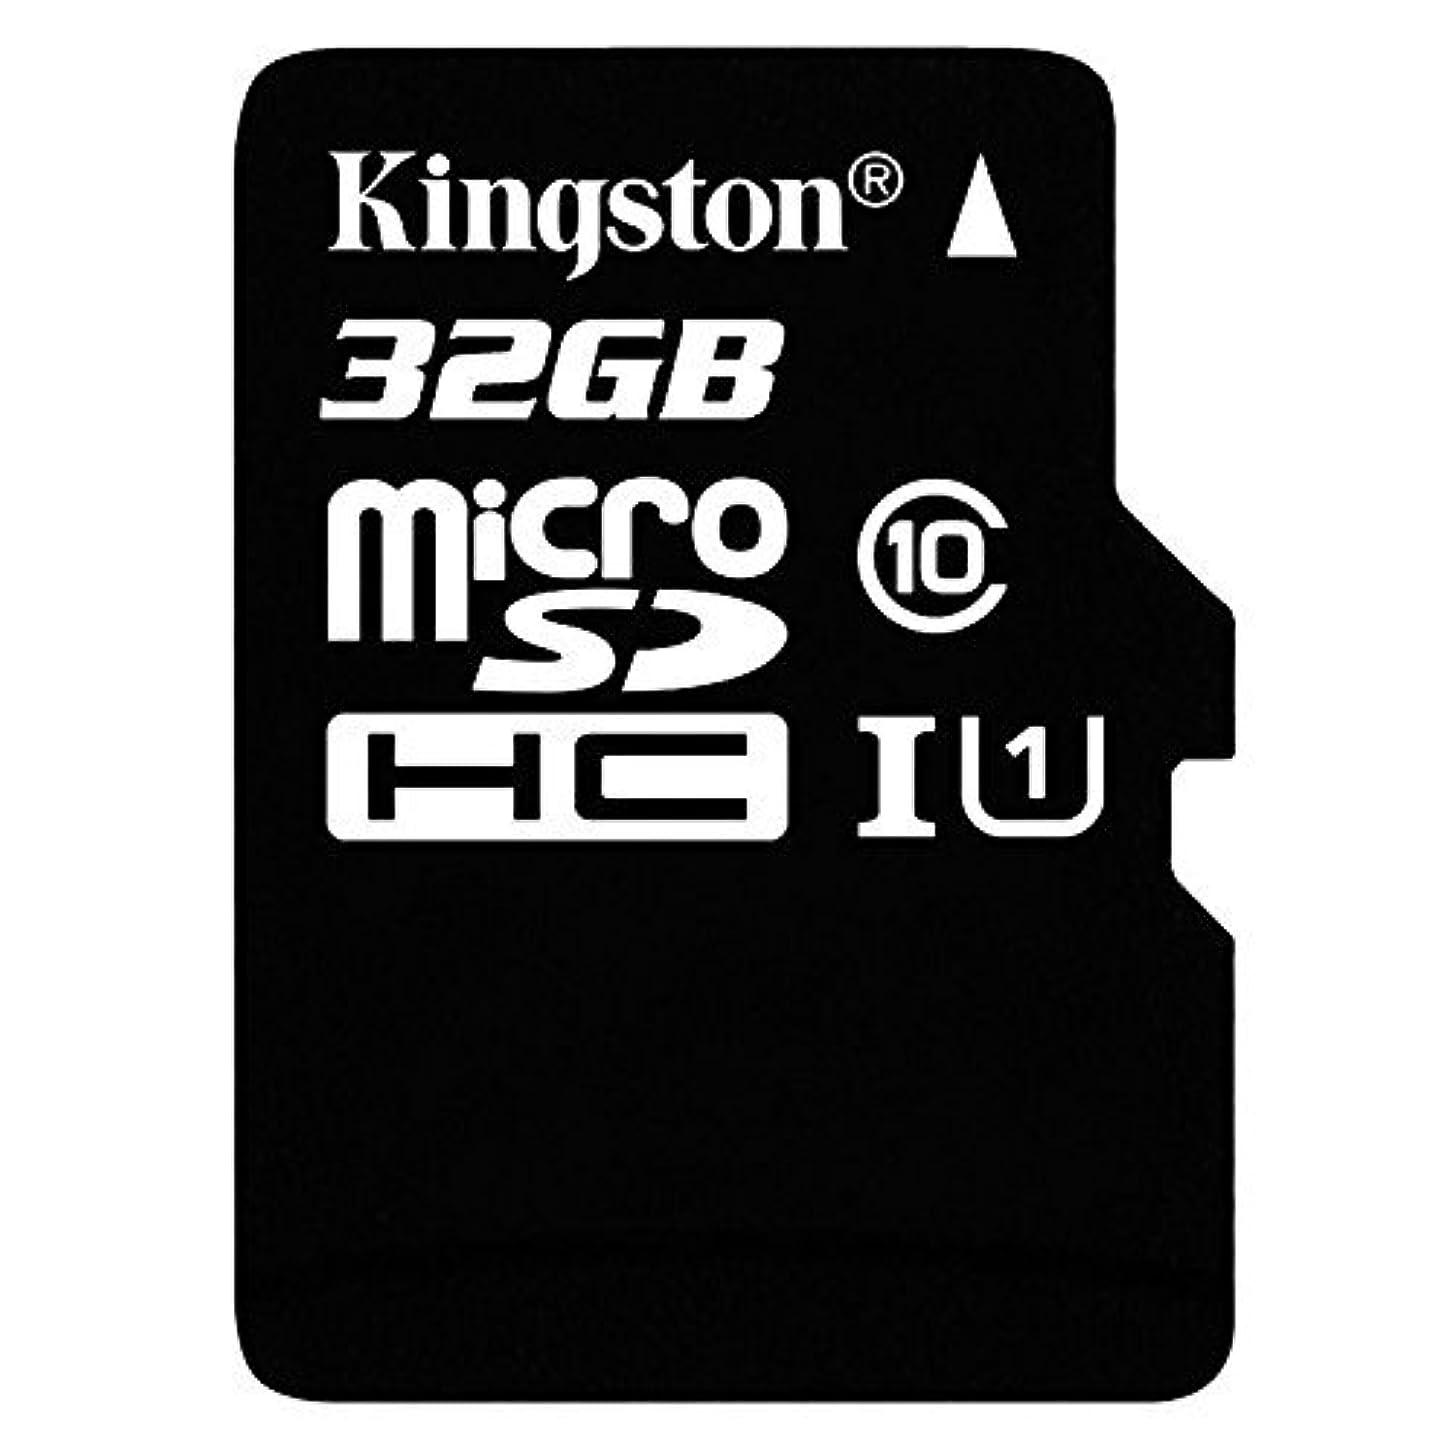 プリーツ誤解するご予約Professional Kingston 32GB Alcatel OneTouch T10 Tab MicroSDHC Card with custom formatting and Standard SD Adapter! (Class 10, UHS-I) [並行輸入品]